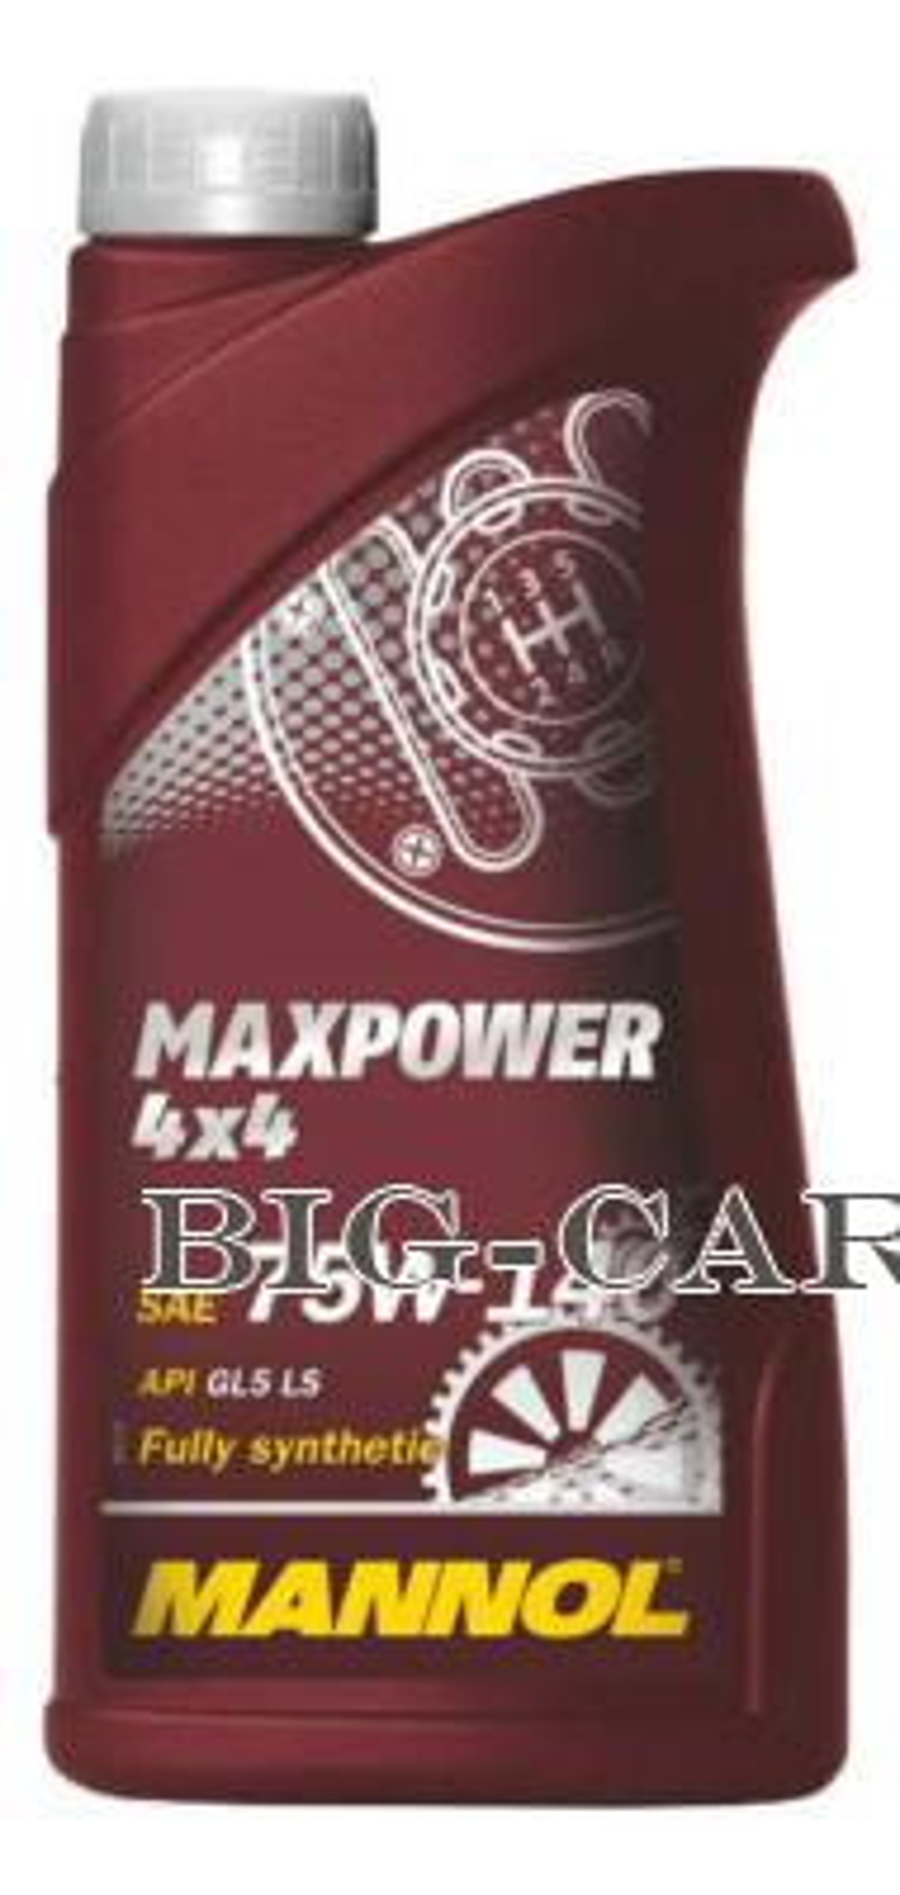 Масло трансмиссионное синтетическое MaxPower 4x4 75W-140, 1л